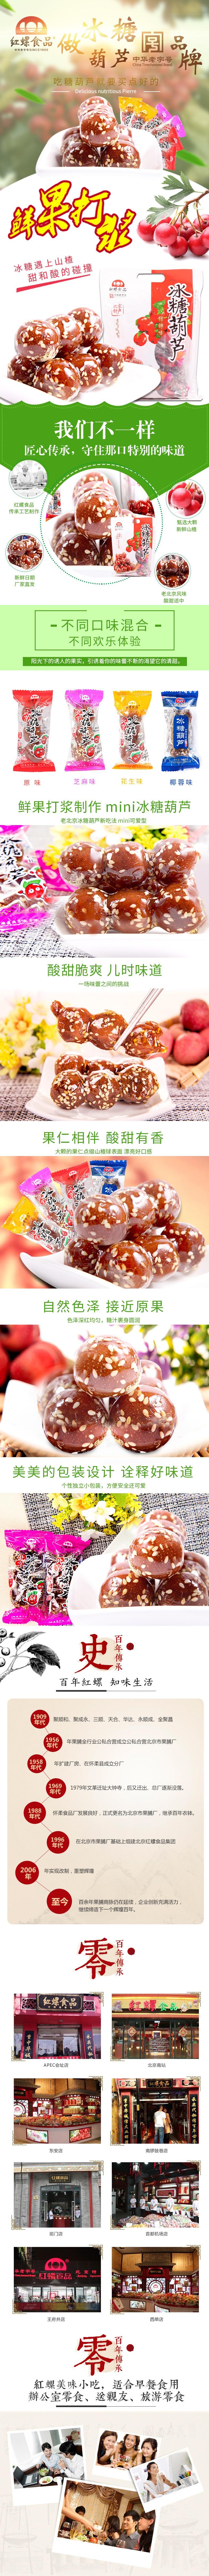 北京特产   冰糖葫芦红螺食品山楂休闲大礼包500g袋装